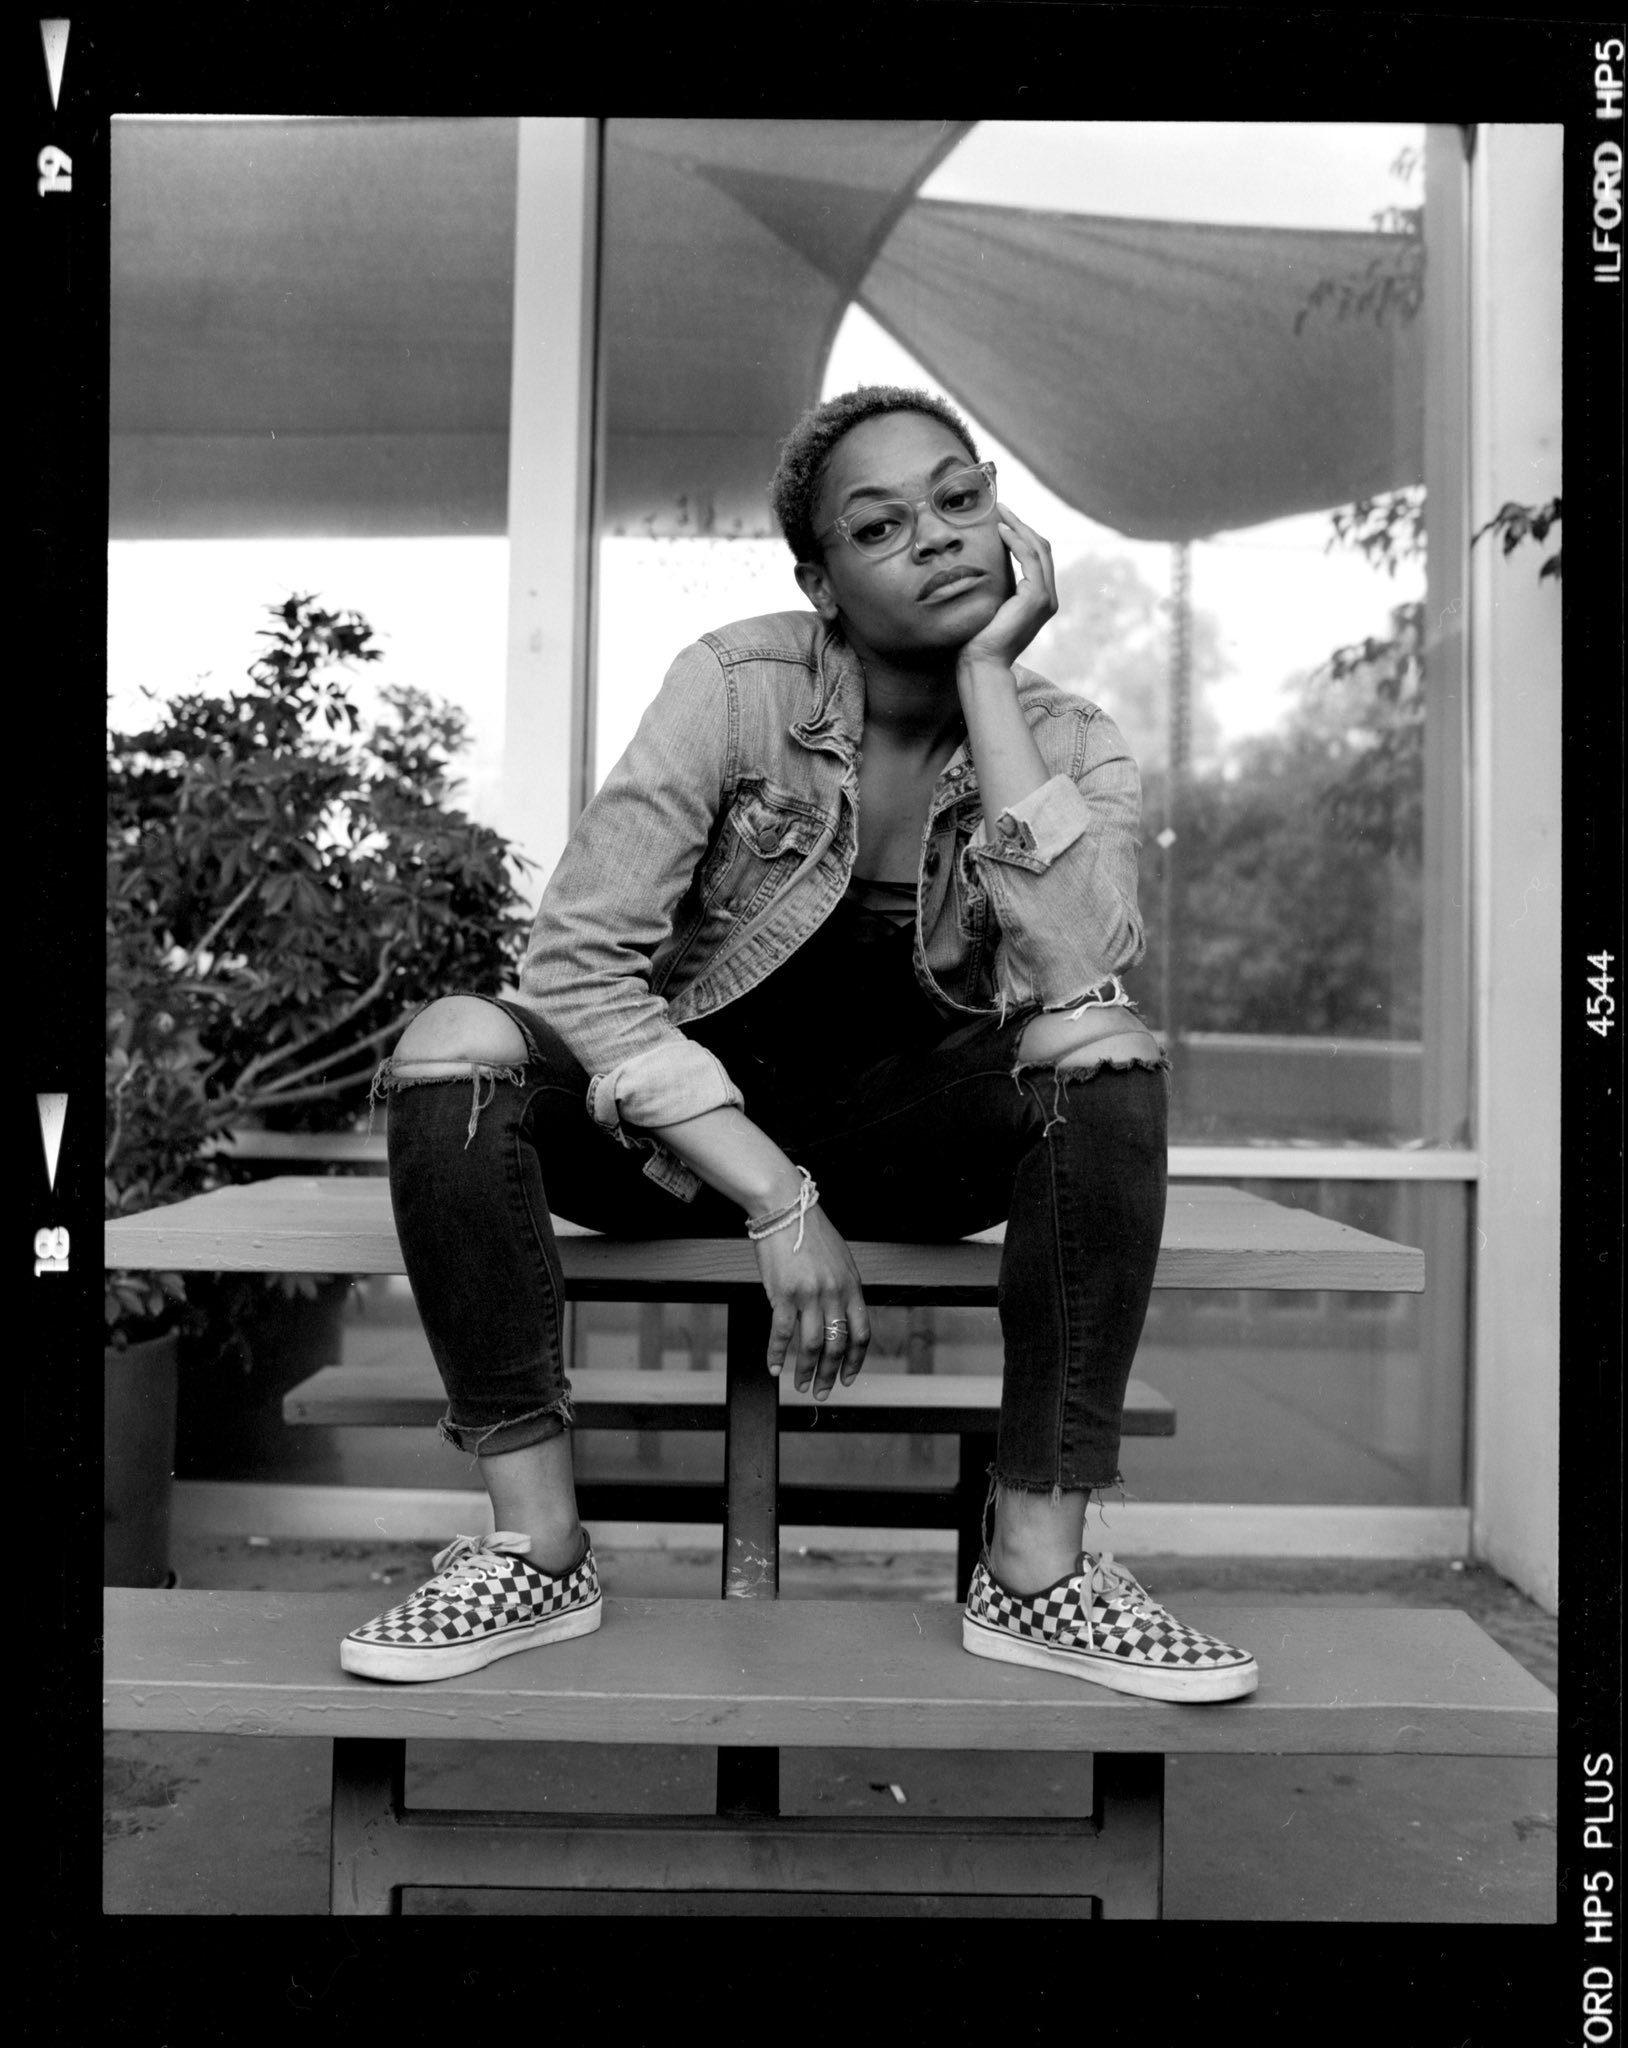 @2071photo Replying to  @ILFORDPhoto Portrait of Photographer  @kernieflakes   Pentax 6x7 + Hp5 400 #fridayfavourites #ilfordphoto